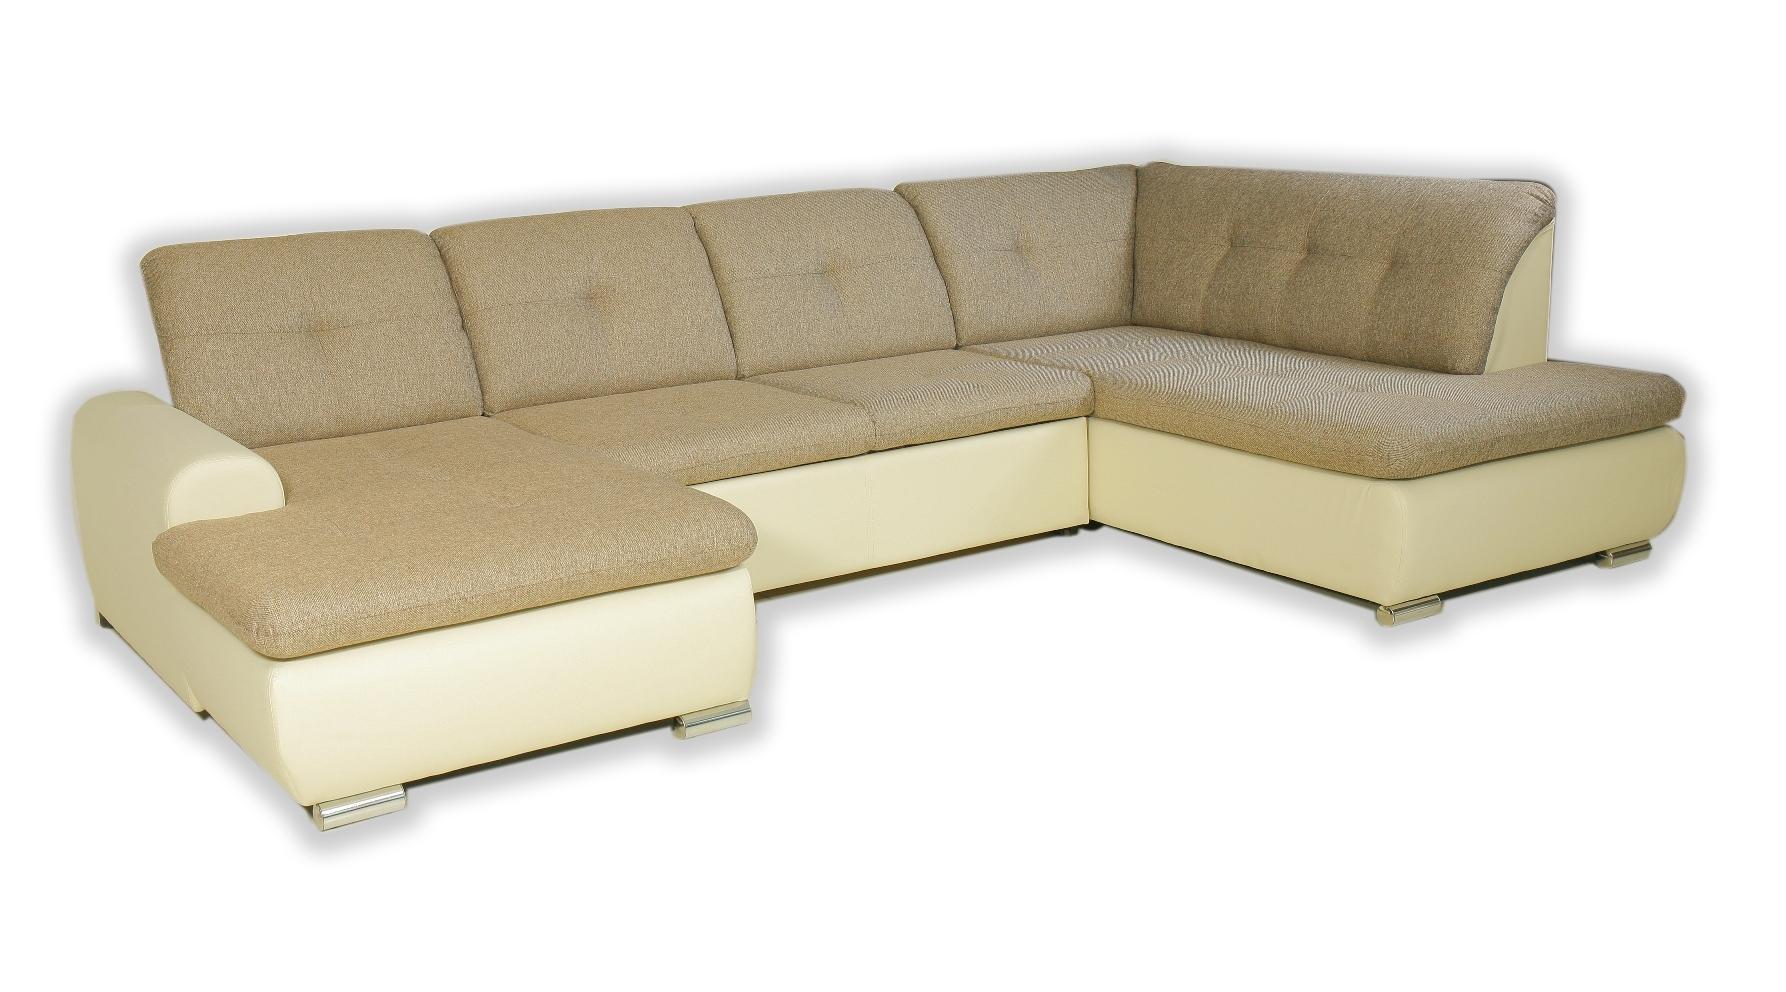 Угловой модульный диван Кристофер